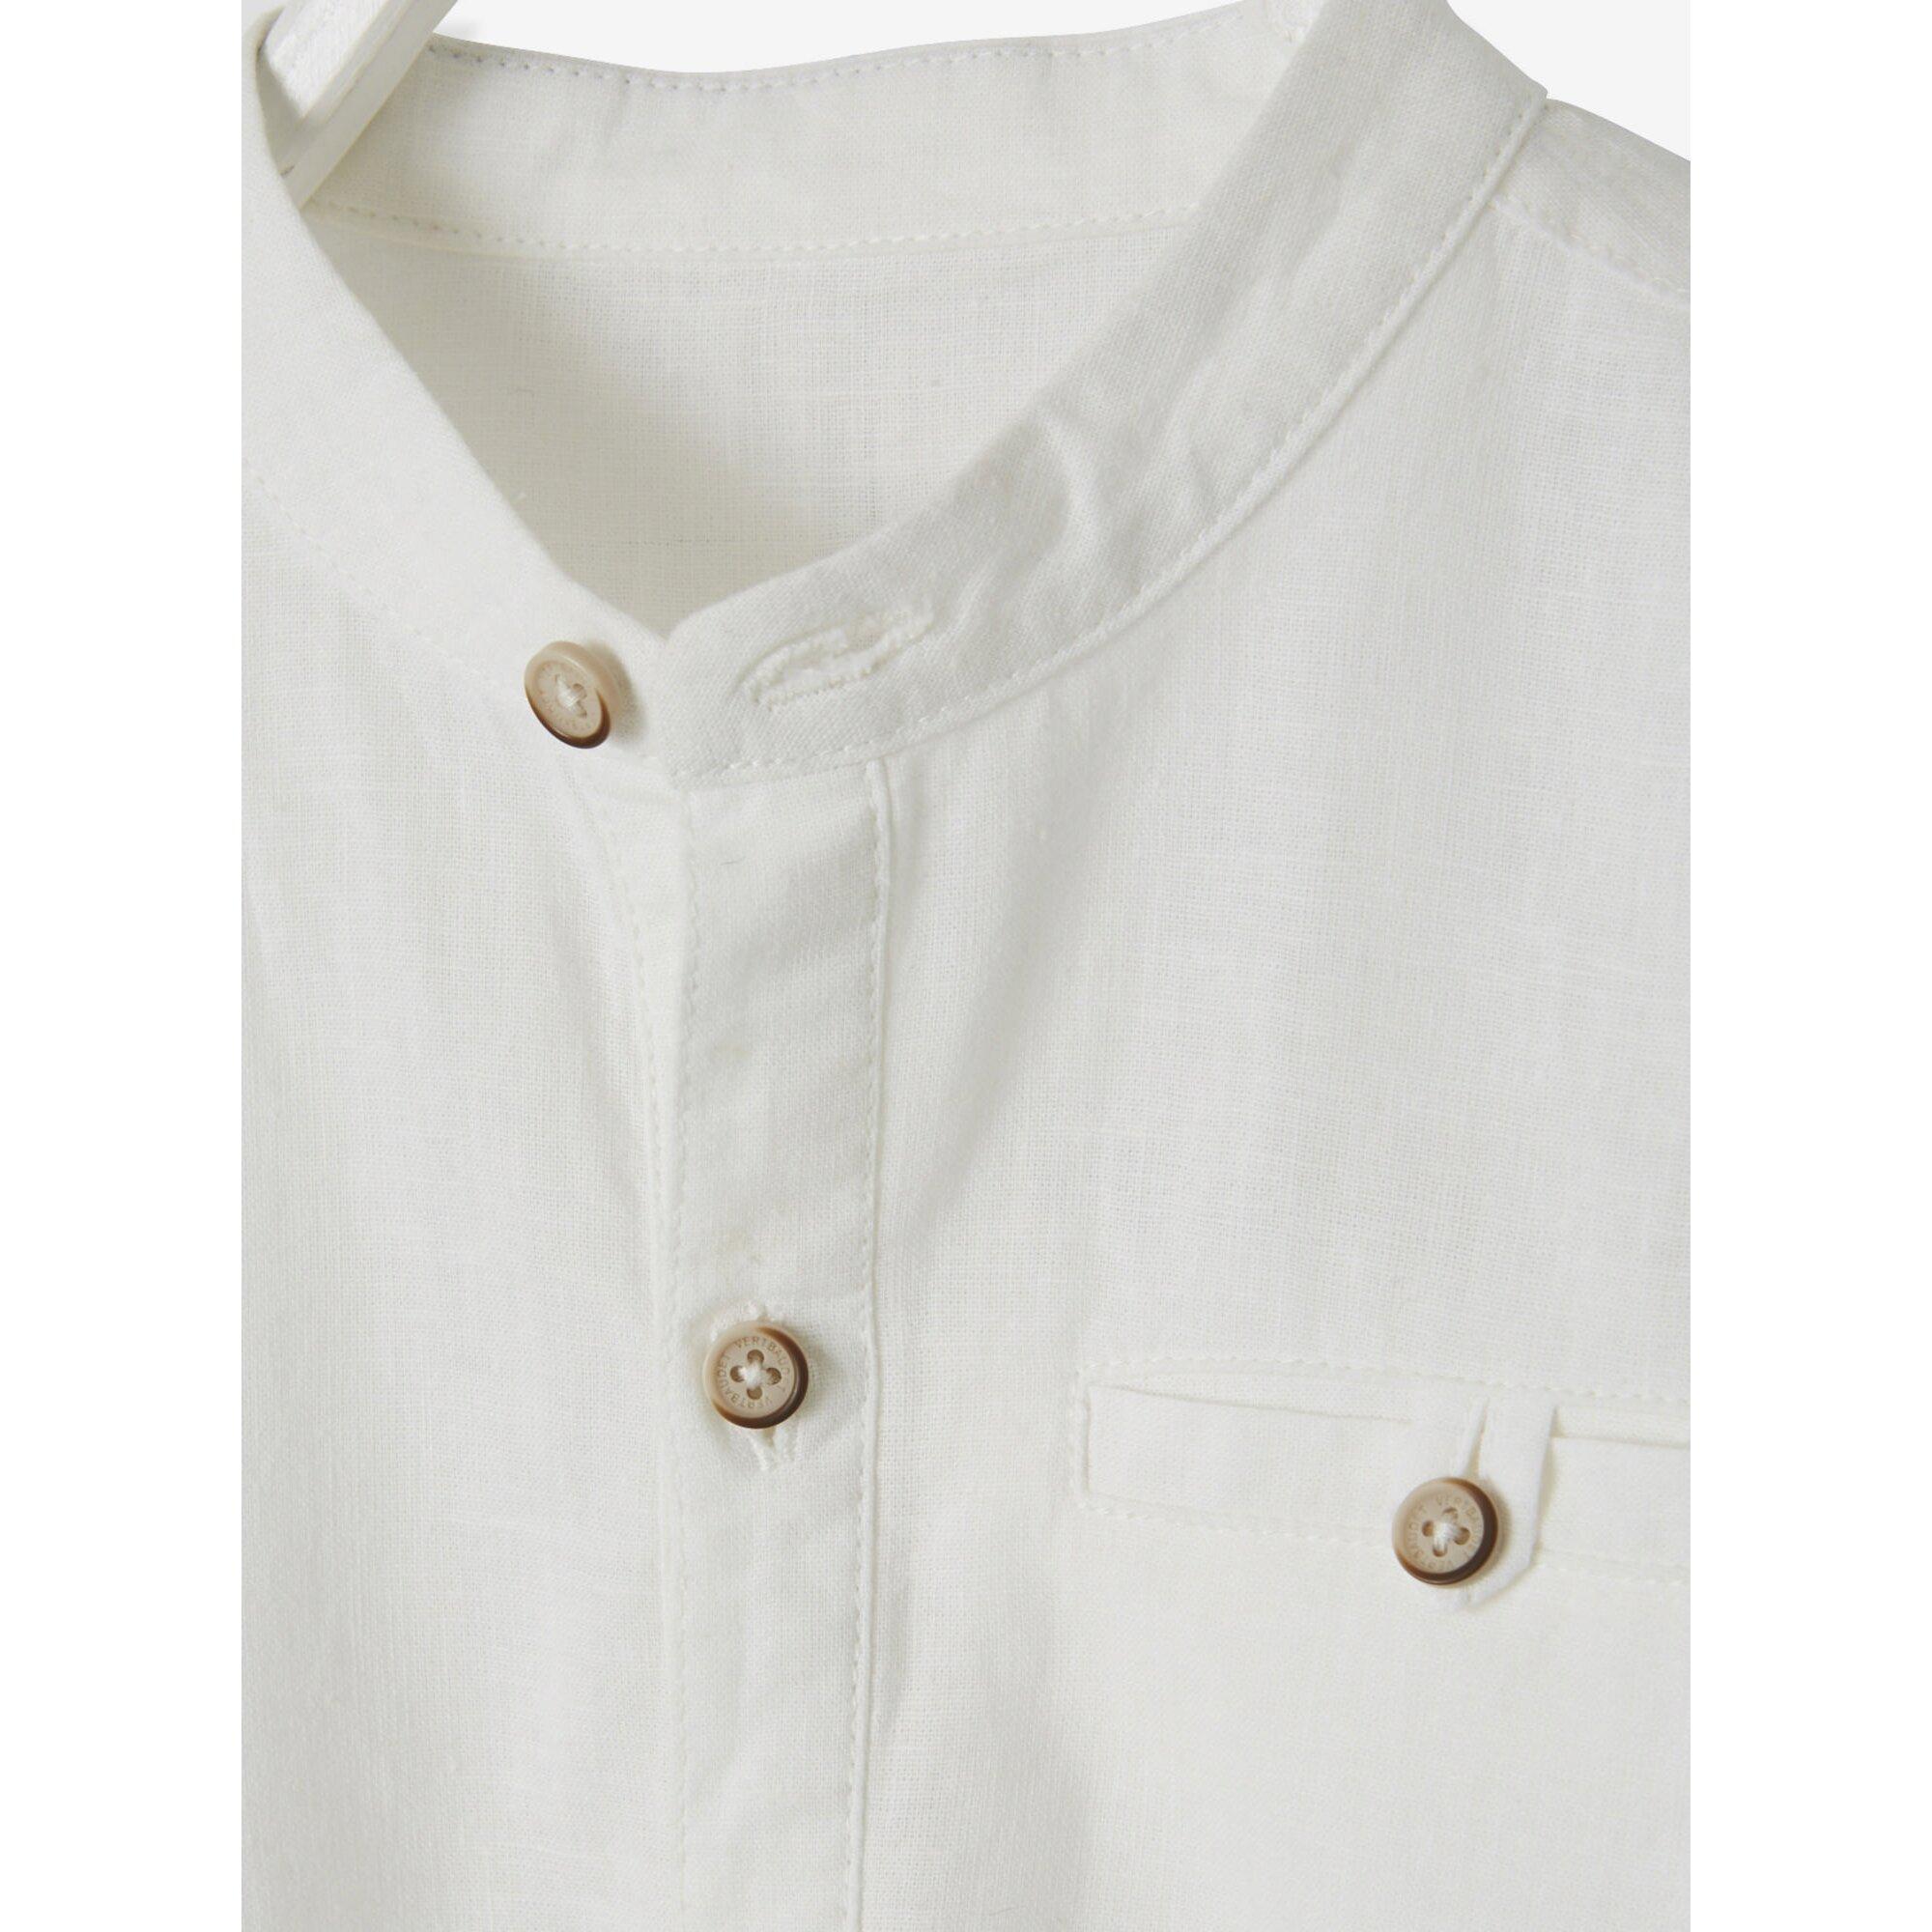 vertbaudet-festliches-jungen-hemd-leinen-baumwolle